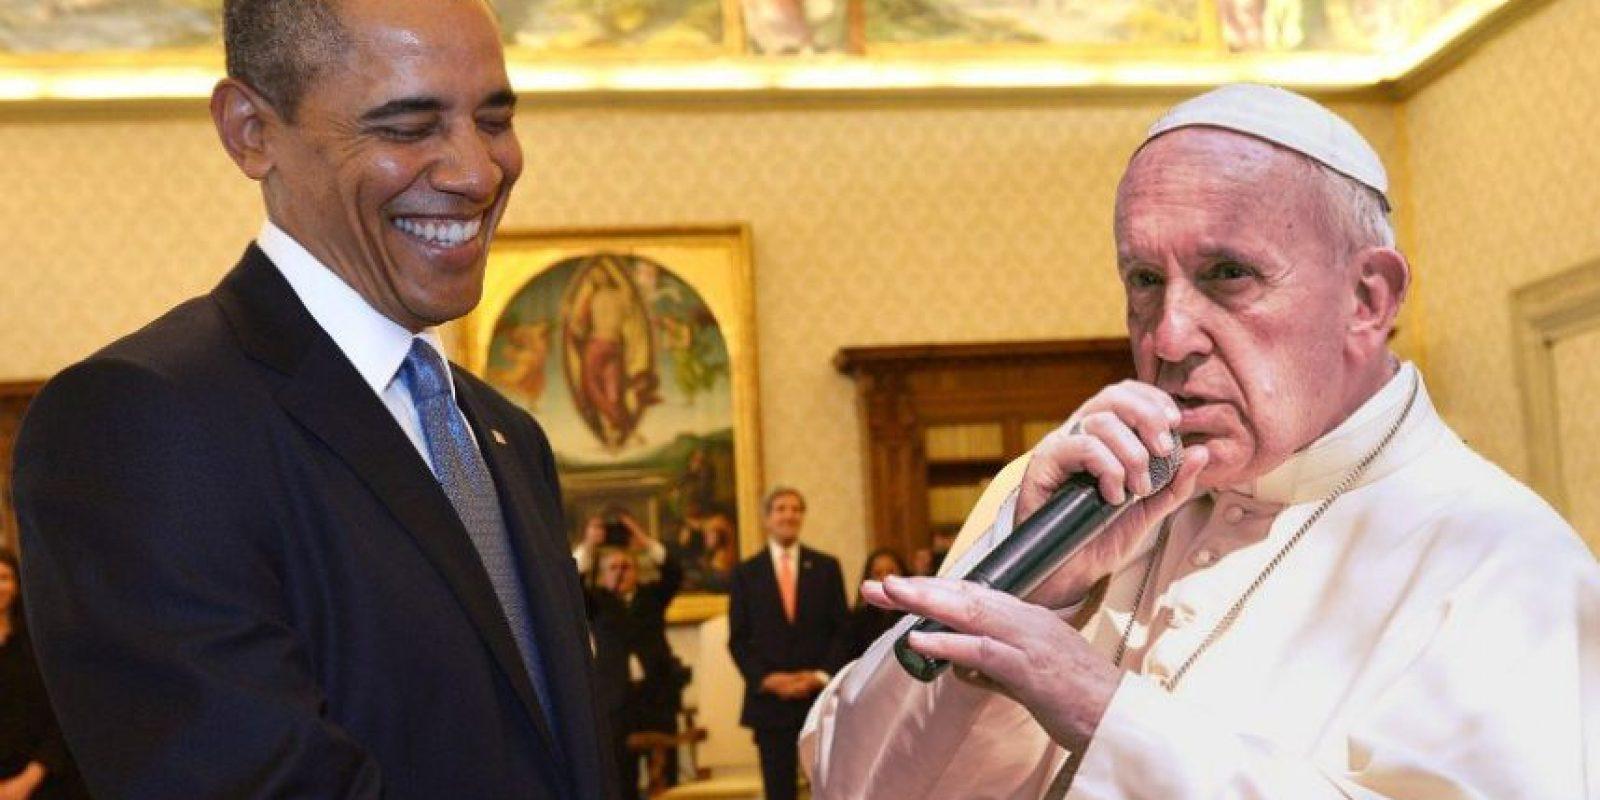 """El papa le """"cantó"""" al presidente de Estados unidos, Barack Obama. Foto:Vía imgur.com/icEPzjc.jpg"""